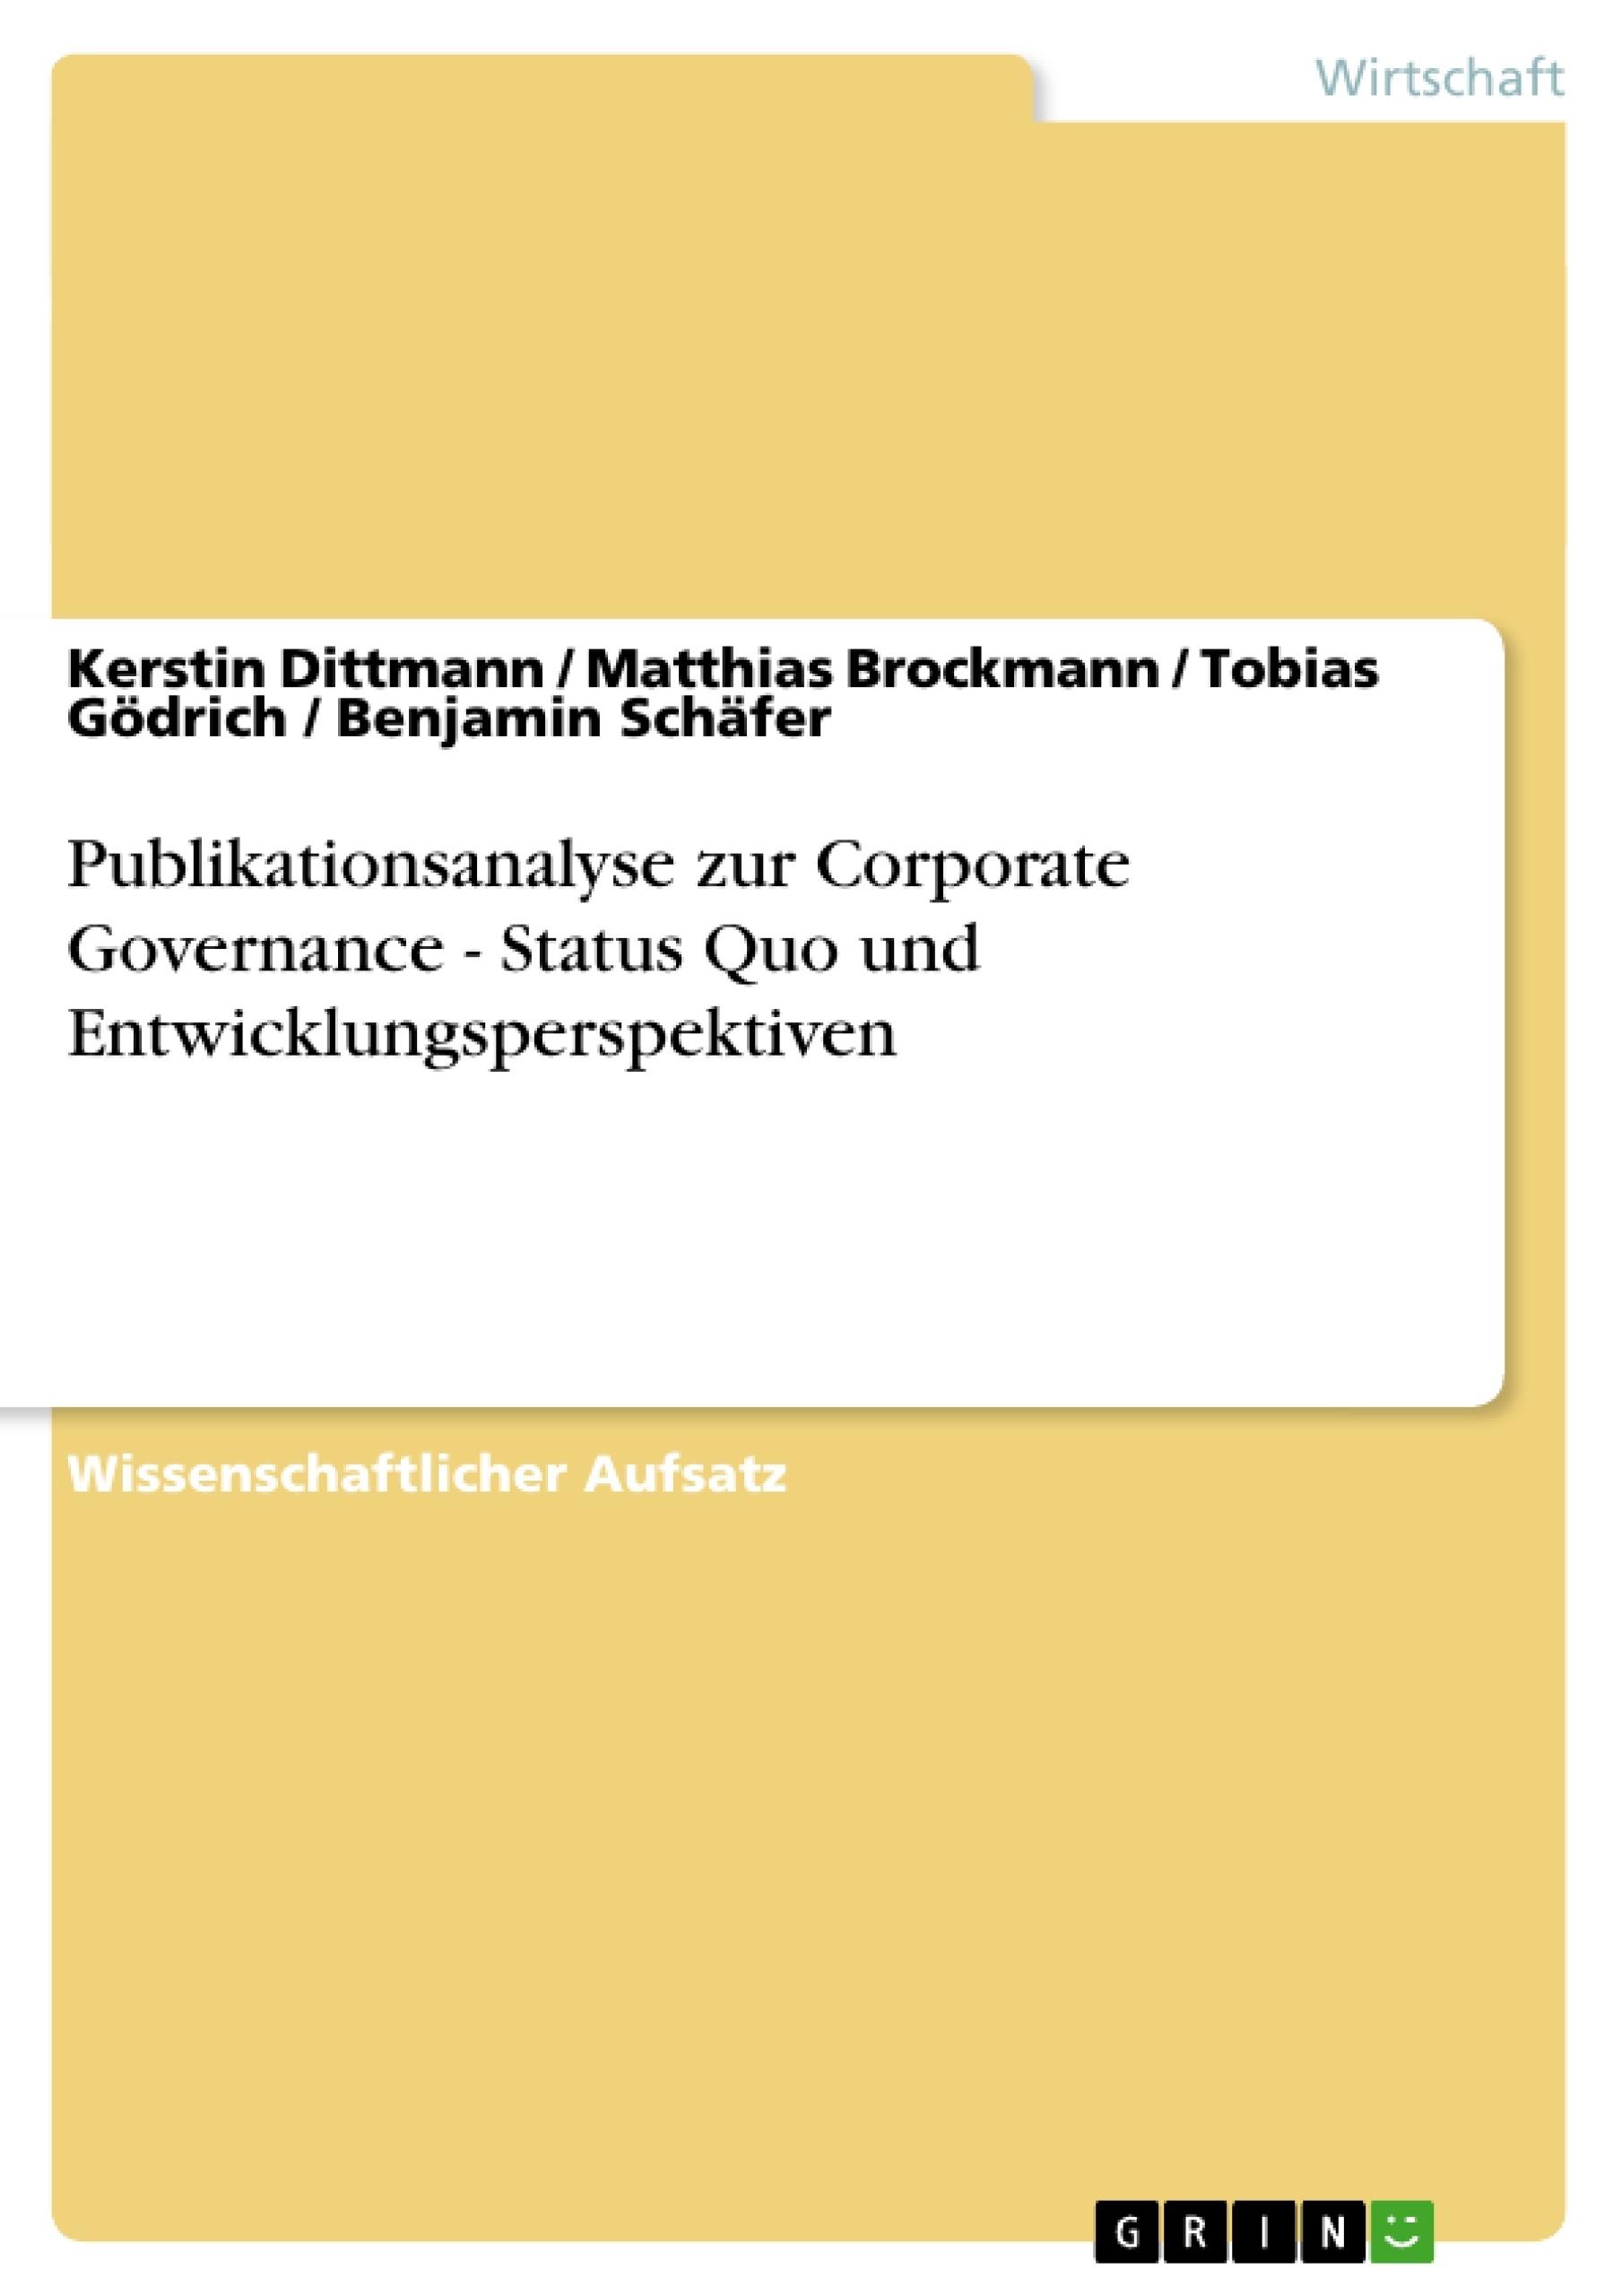 Titel: Publikationsanalyse zur Corporate Governance - Status Quo und Entwicklungsperspektiven